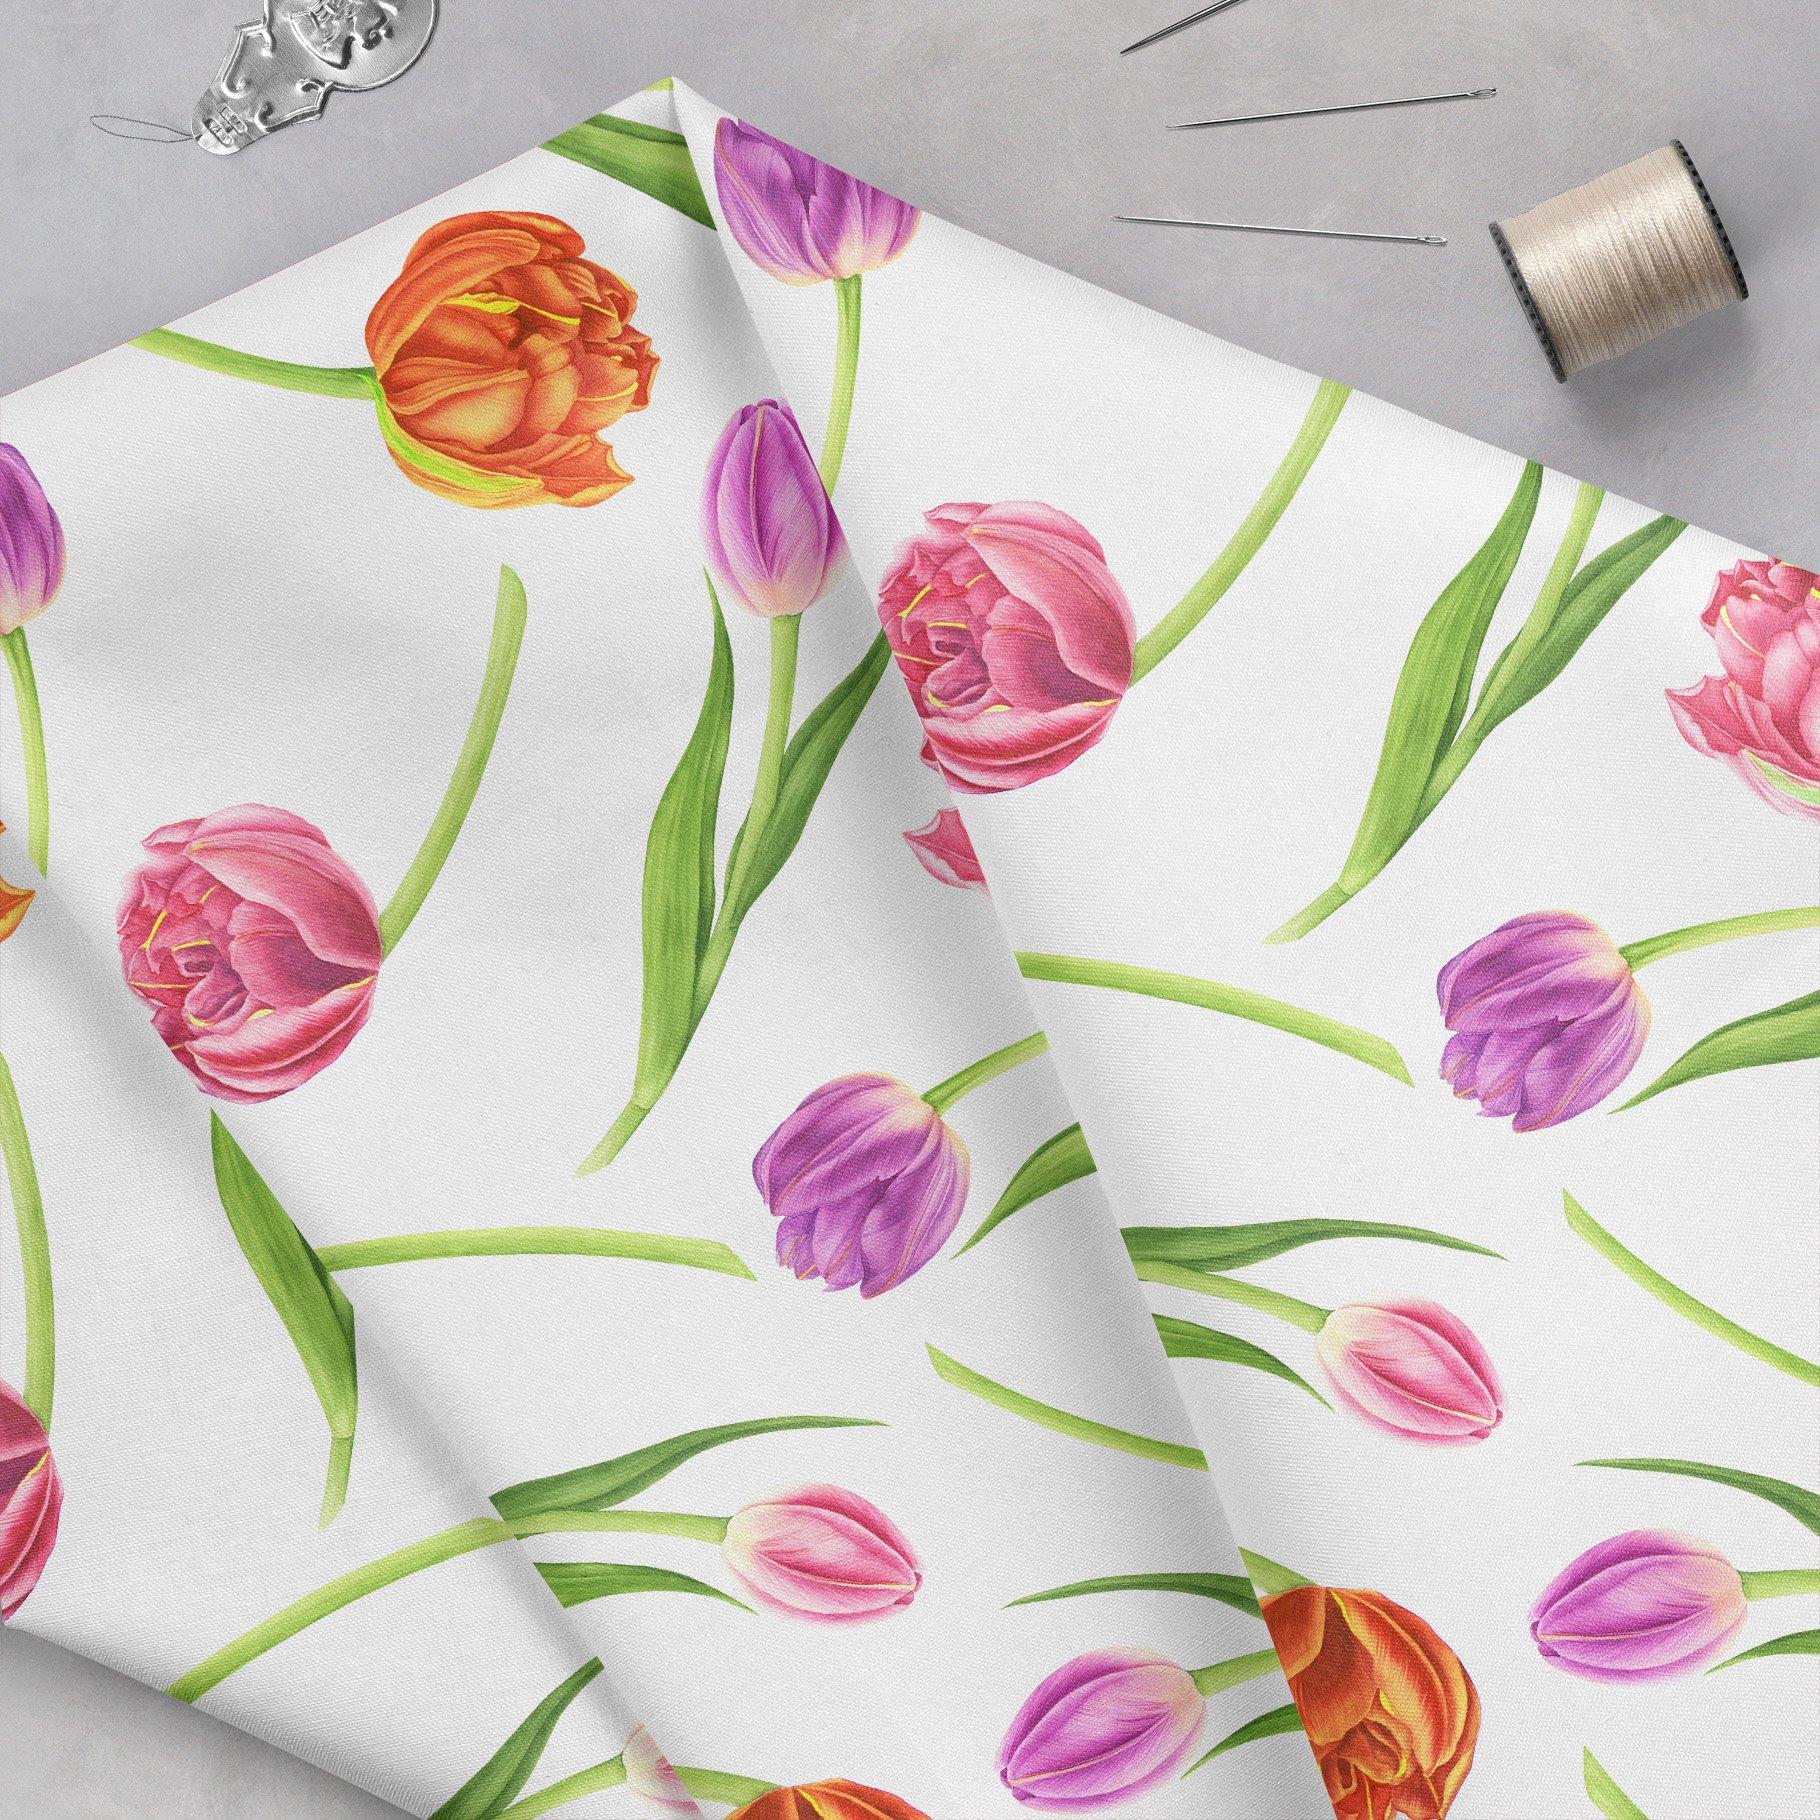 春天郁金香花卉手绘水彩插画集 Spring Flowers Watercolor Patterns插图(4)